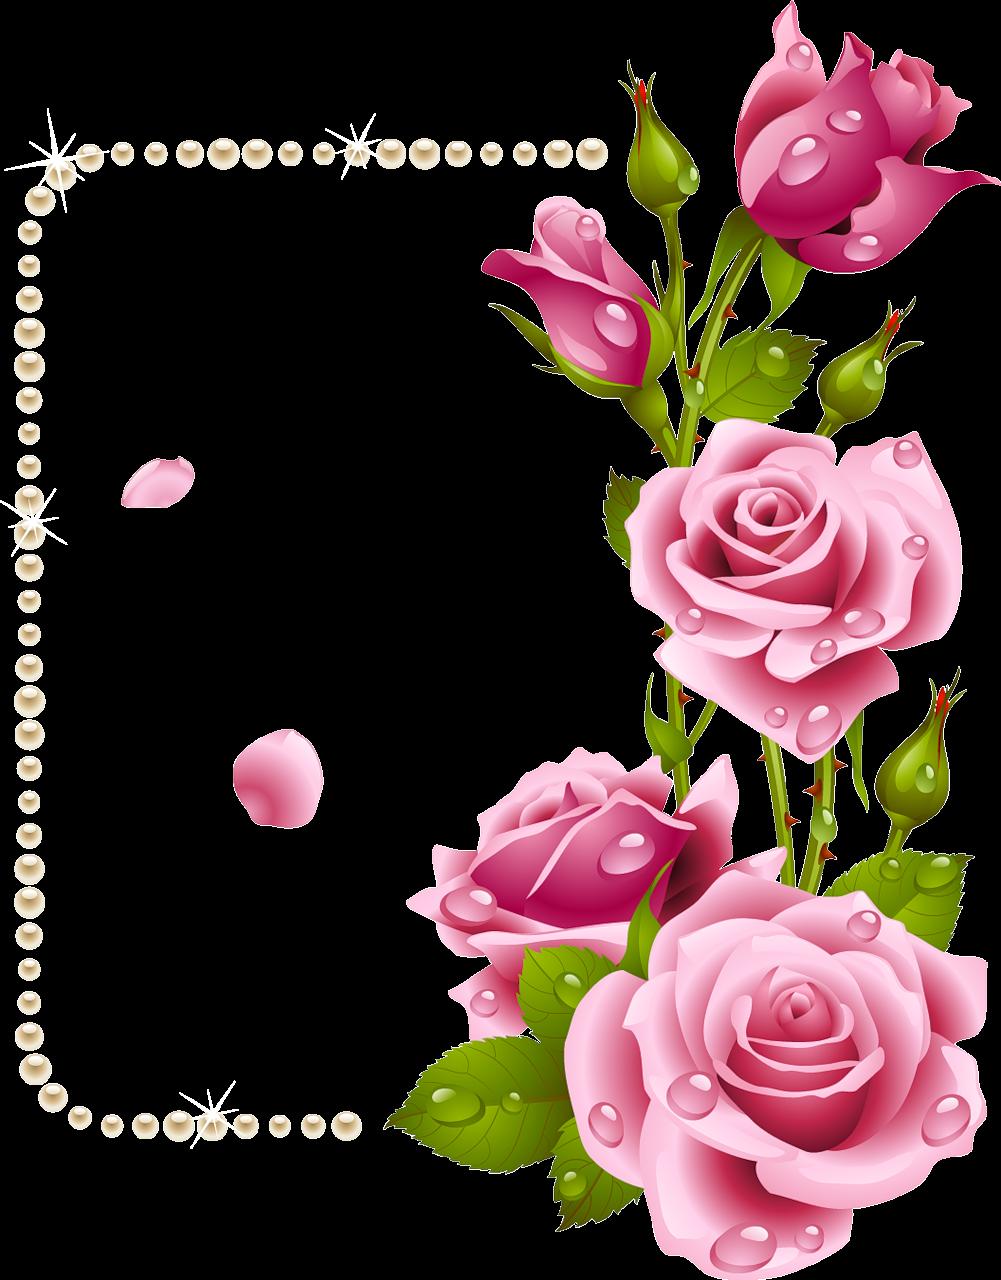 открытка розы вертикальная аудио будет автоматически